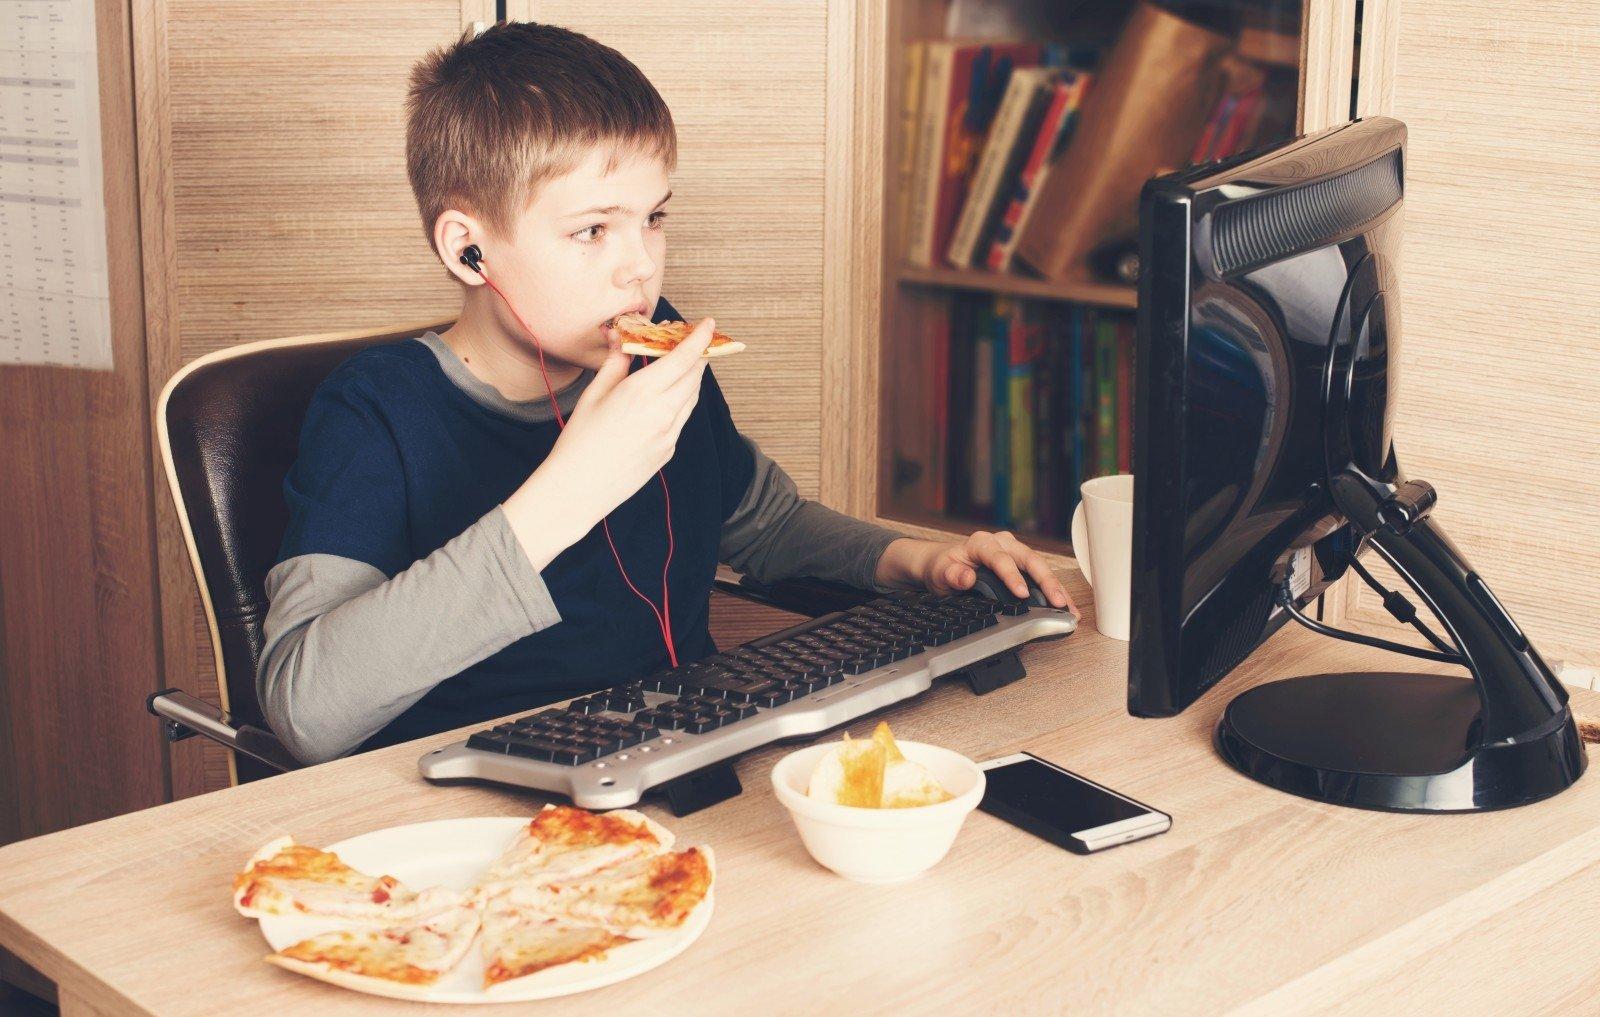 Número De Crianças E Adolescentes Obesos Aumenta 11 Vezes Em 40 Anos